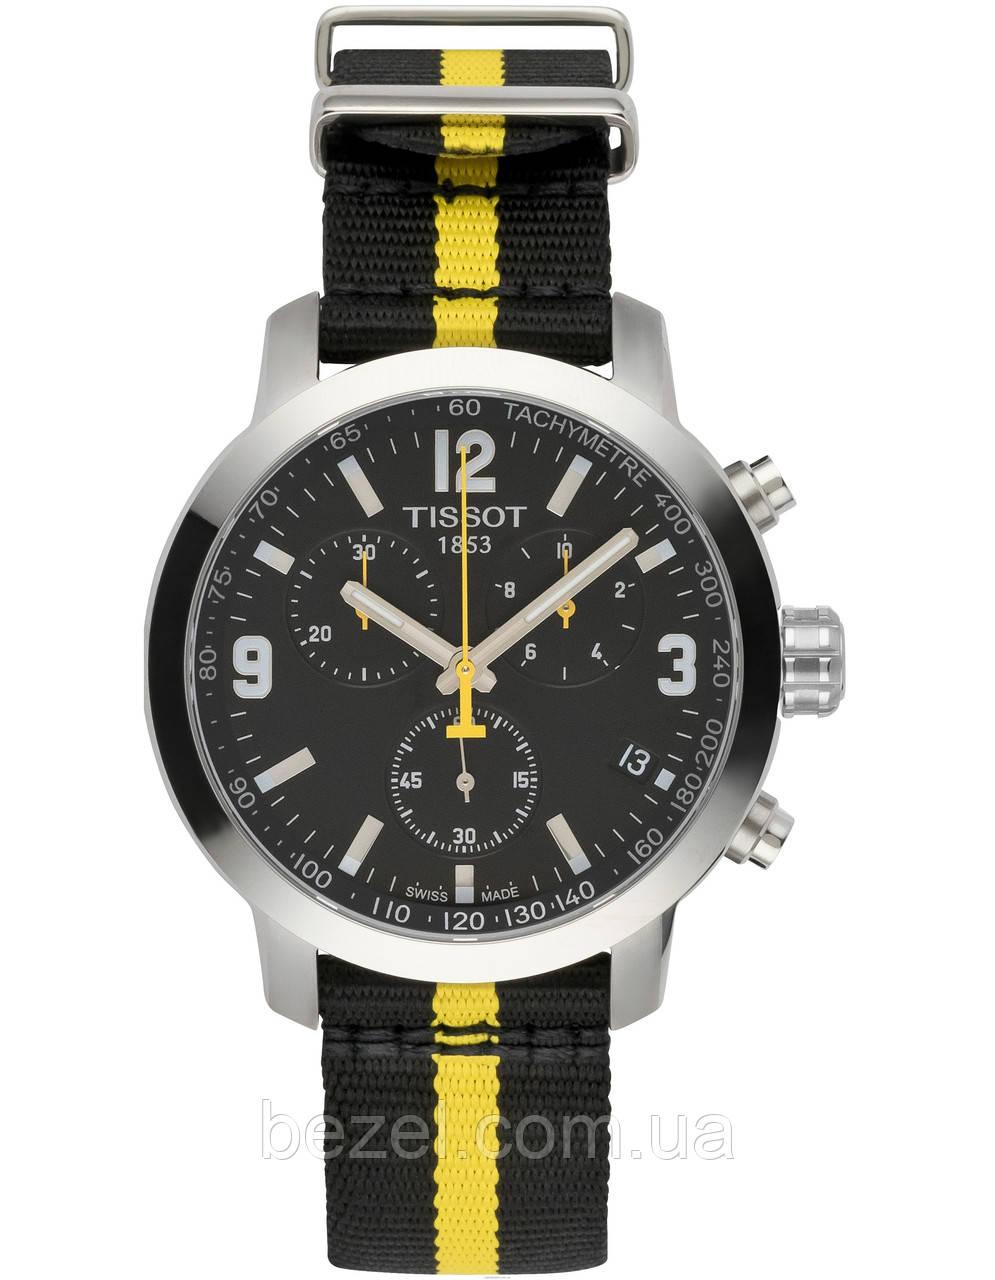 Мужские часы Tissot T055.417.17.057.01